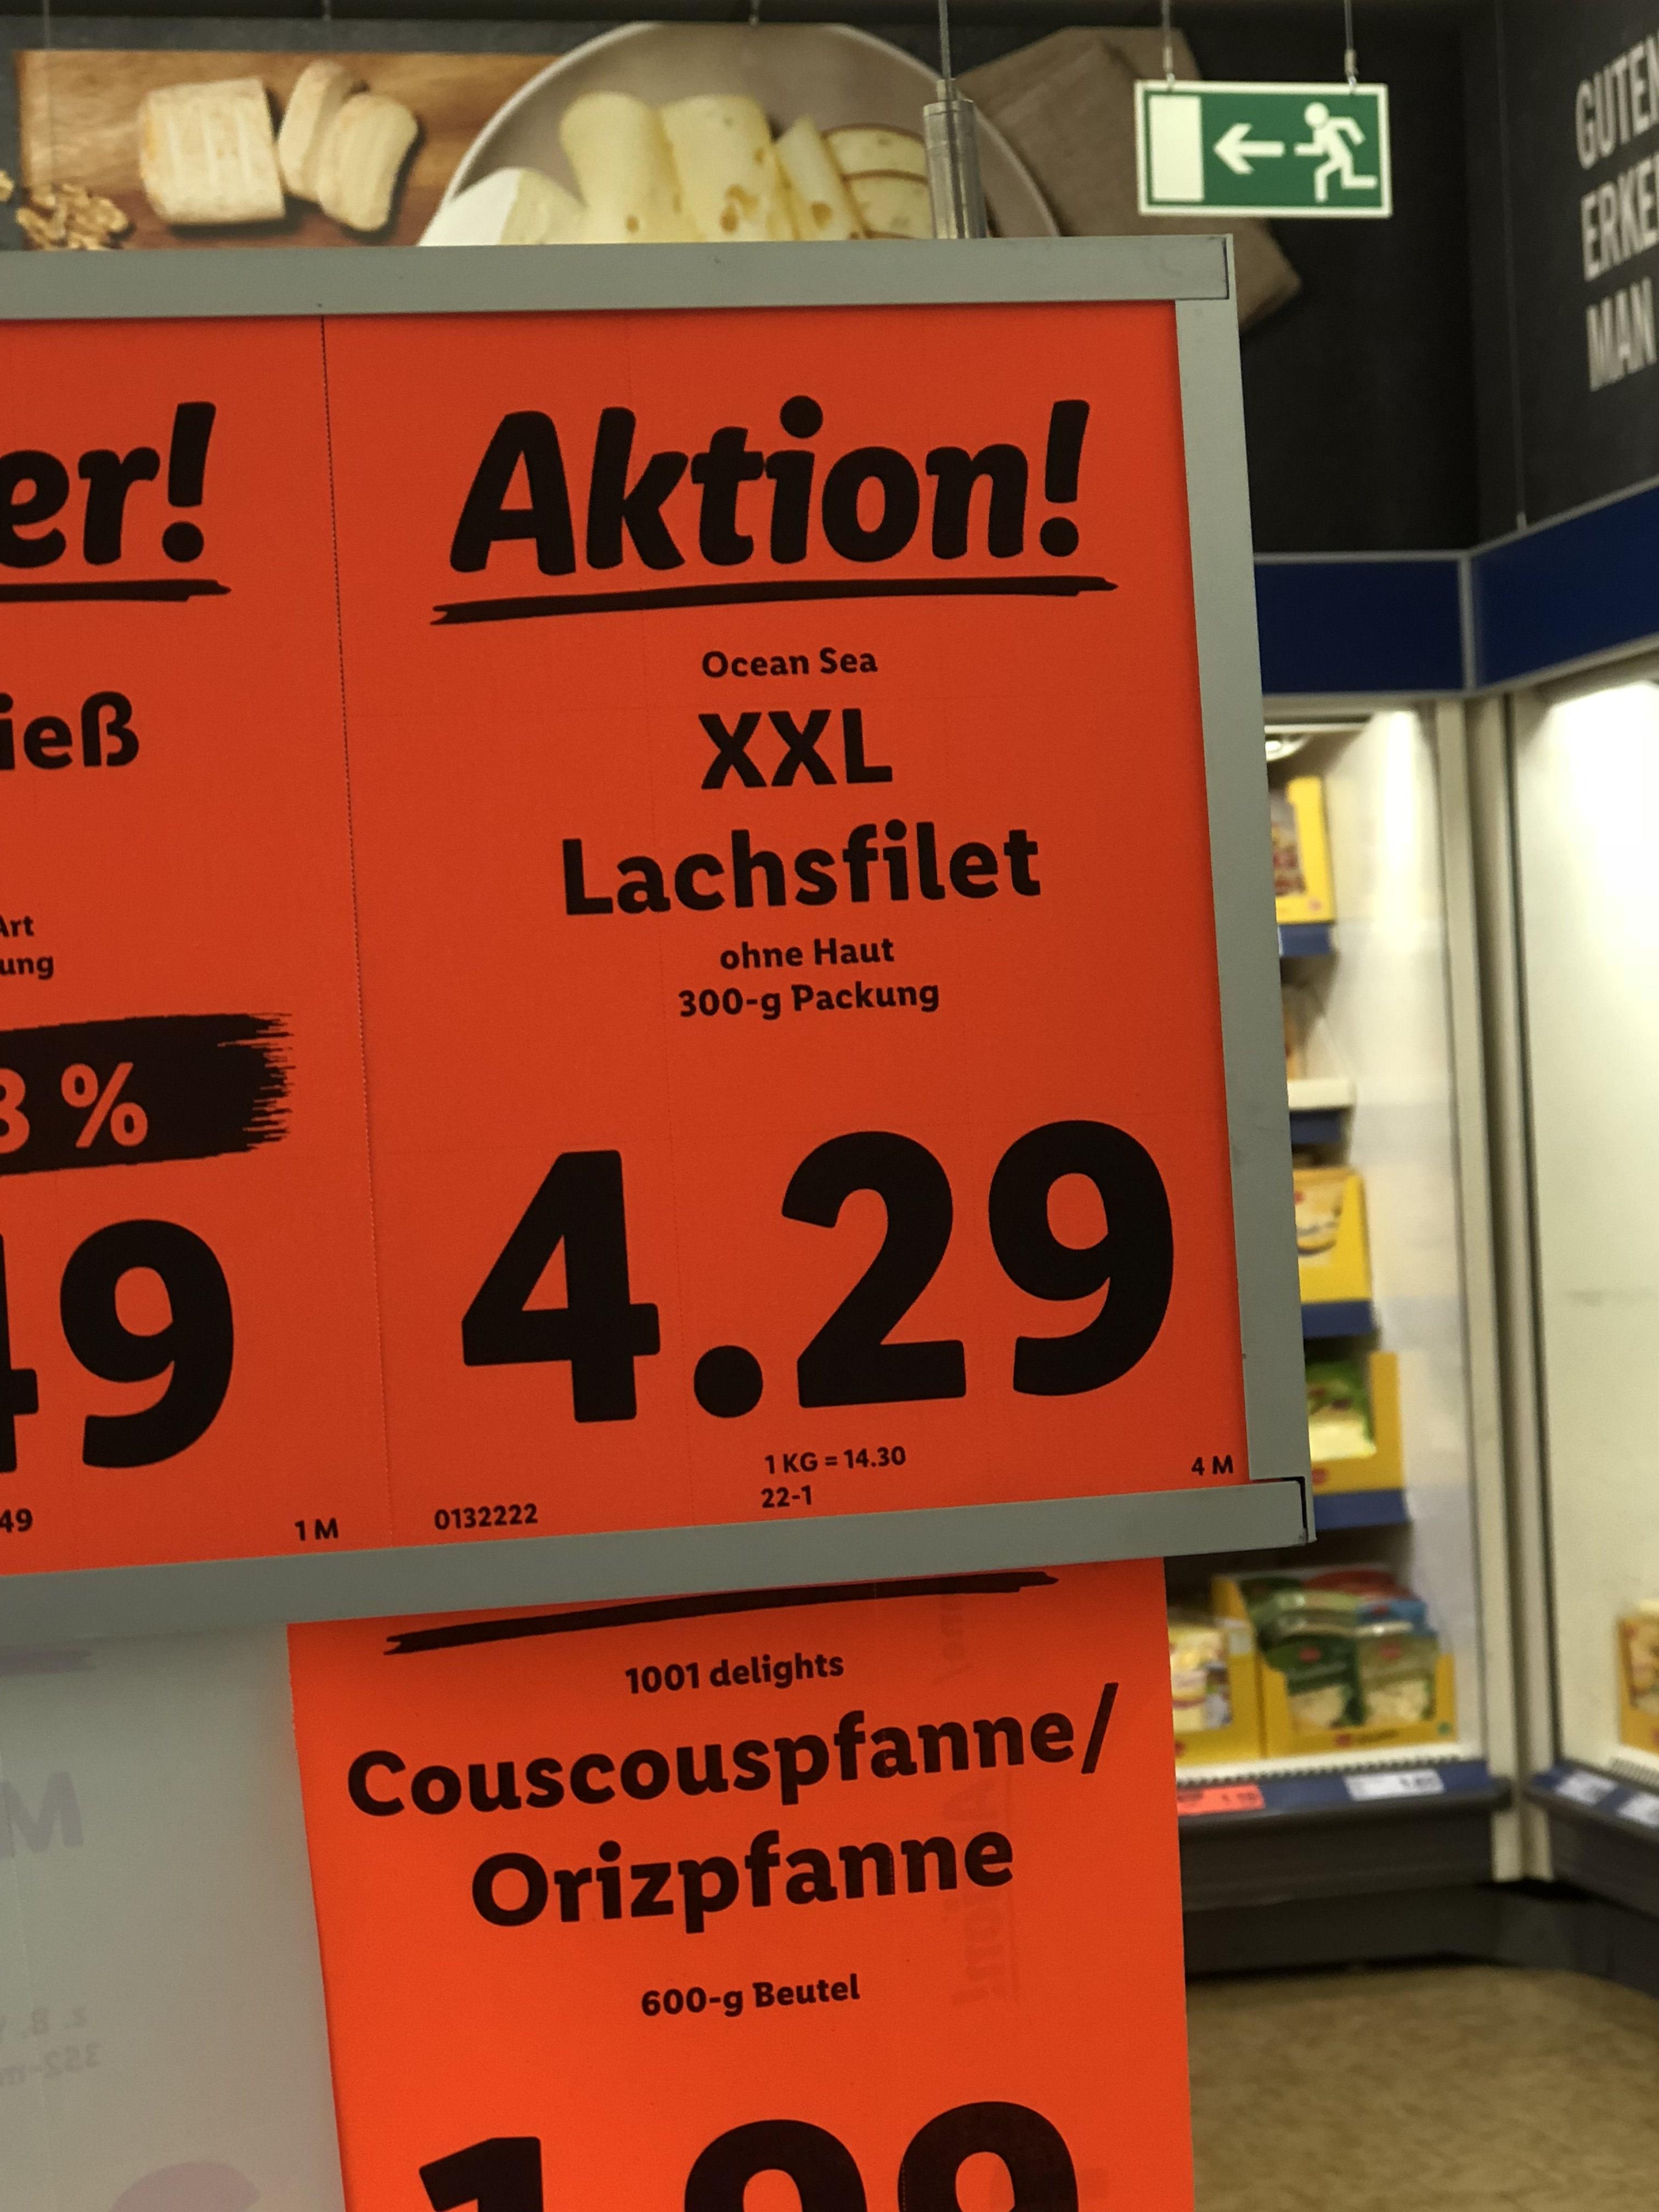 Lachs Lidl 300g statt 250g 4,29€